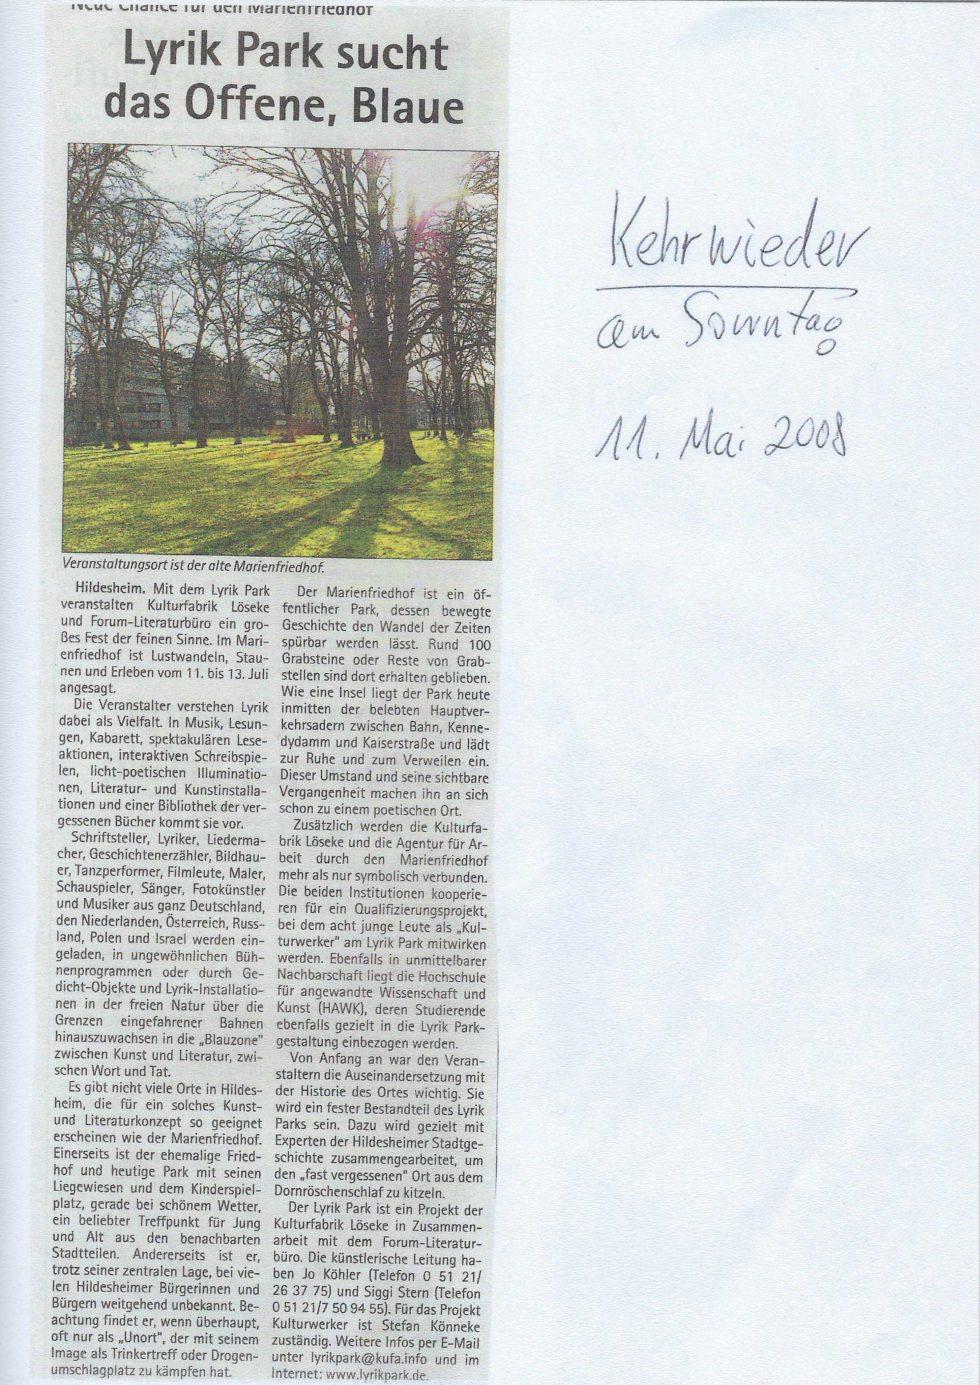 2008 LyrikPark Marienfriedhof, DLF und vieles mehr_Seite_05